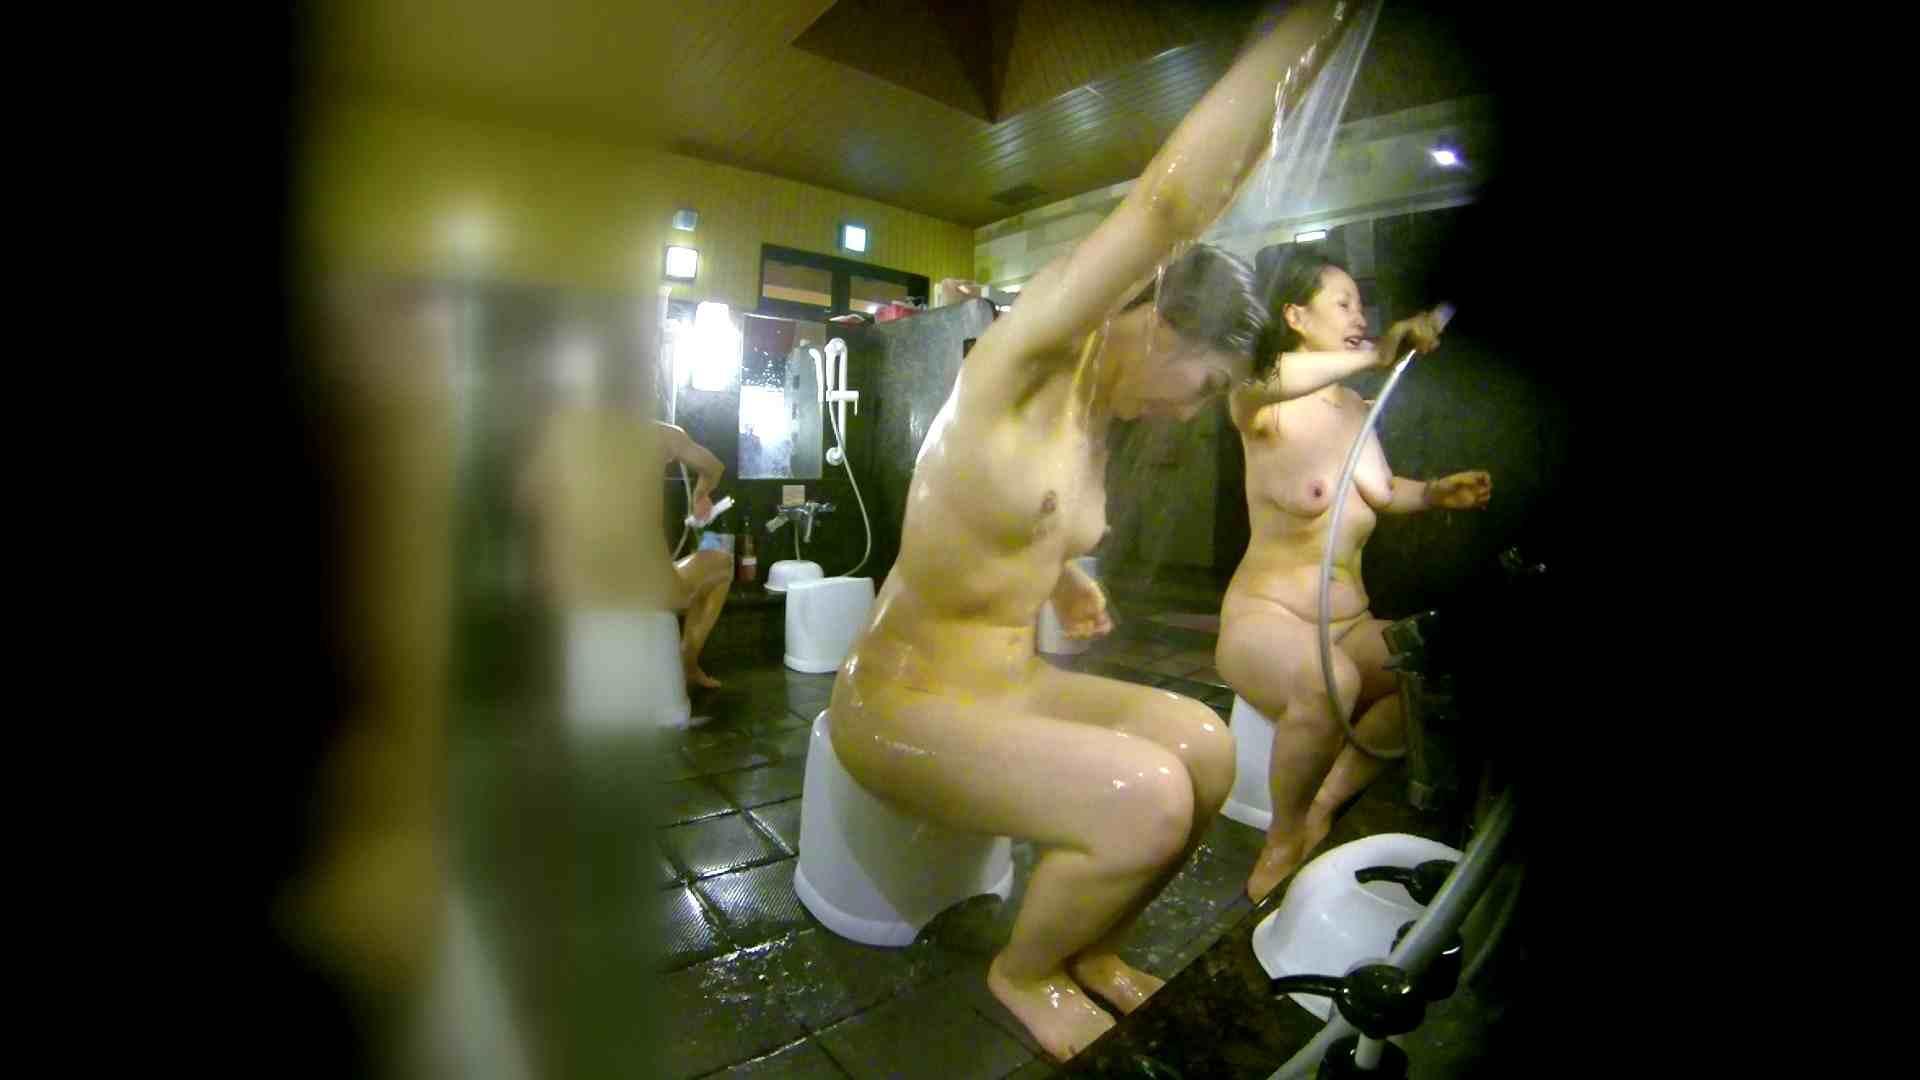 洗い場!右足の位置がいいですね。陰毛もっさり! 銭湯  113pic 63